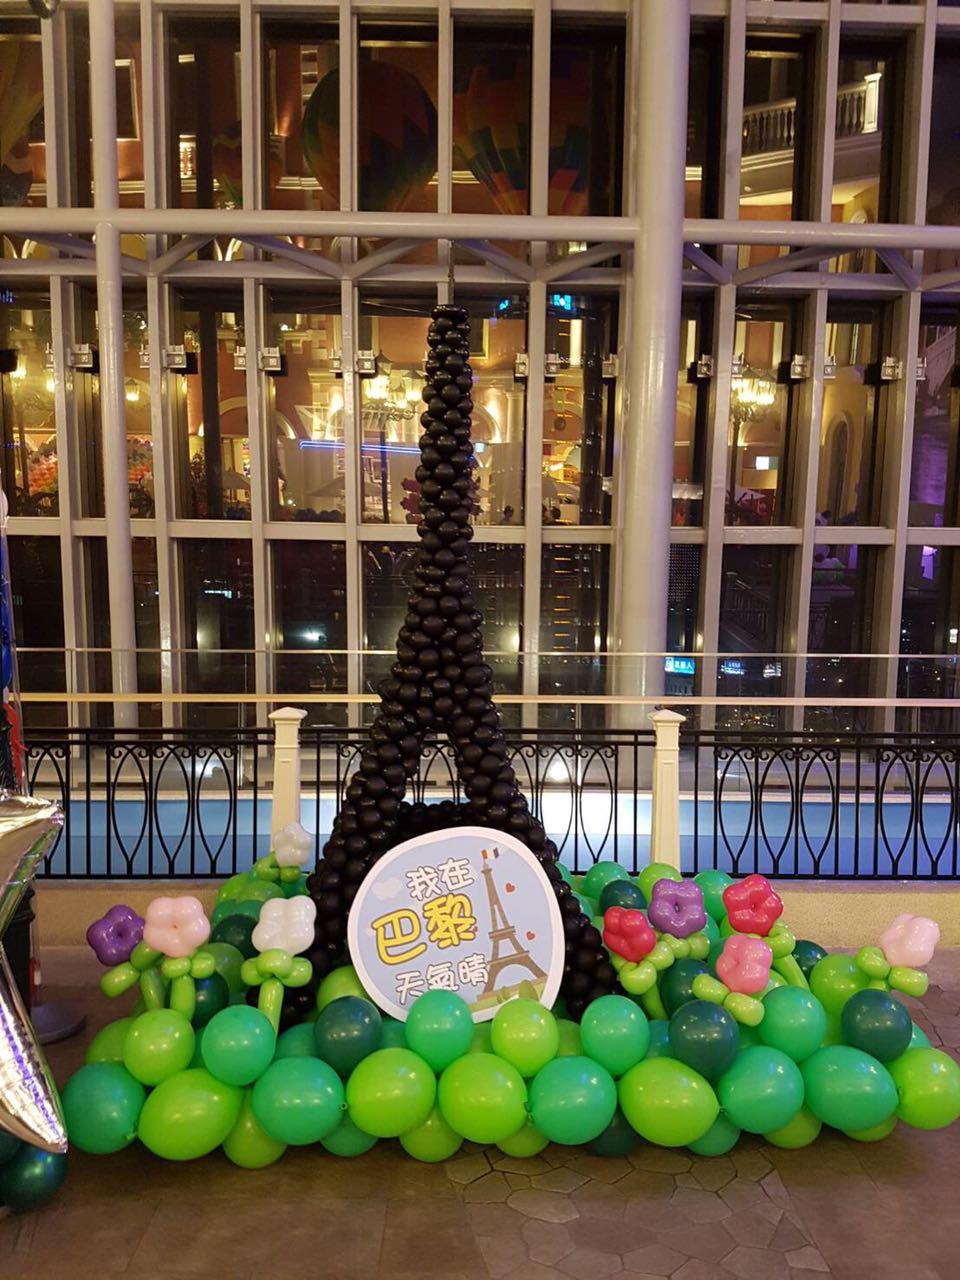 Around the World Theme Balloon Exhibit Eiffel Tower Paris